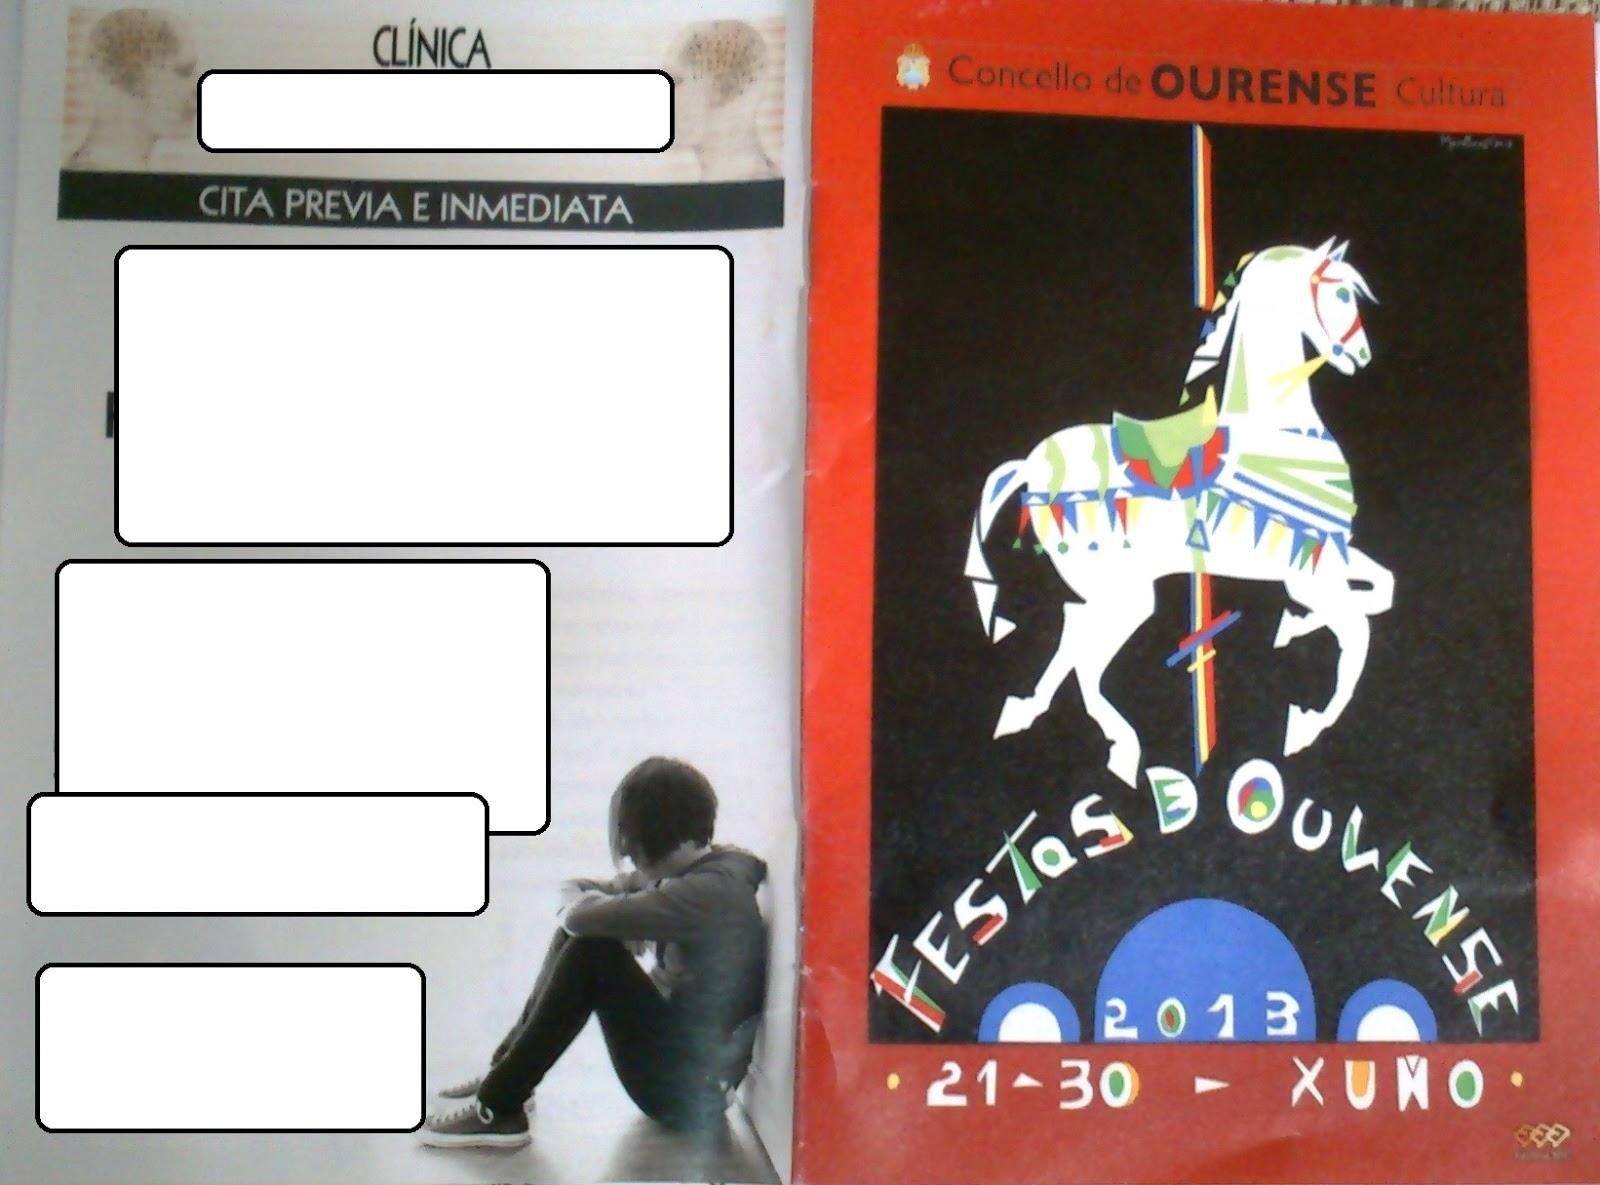 Diario de un m dico de guardia junio 2013 - Clinicas veterinarias ourense ...